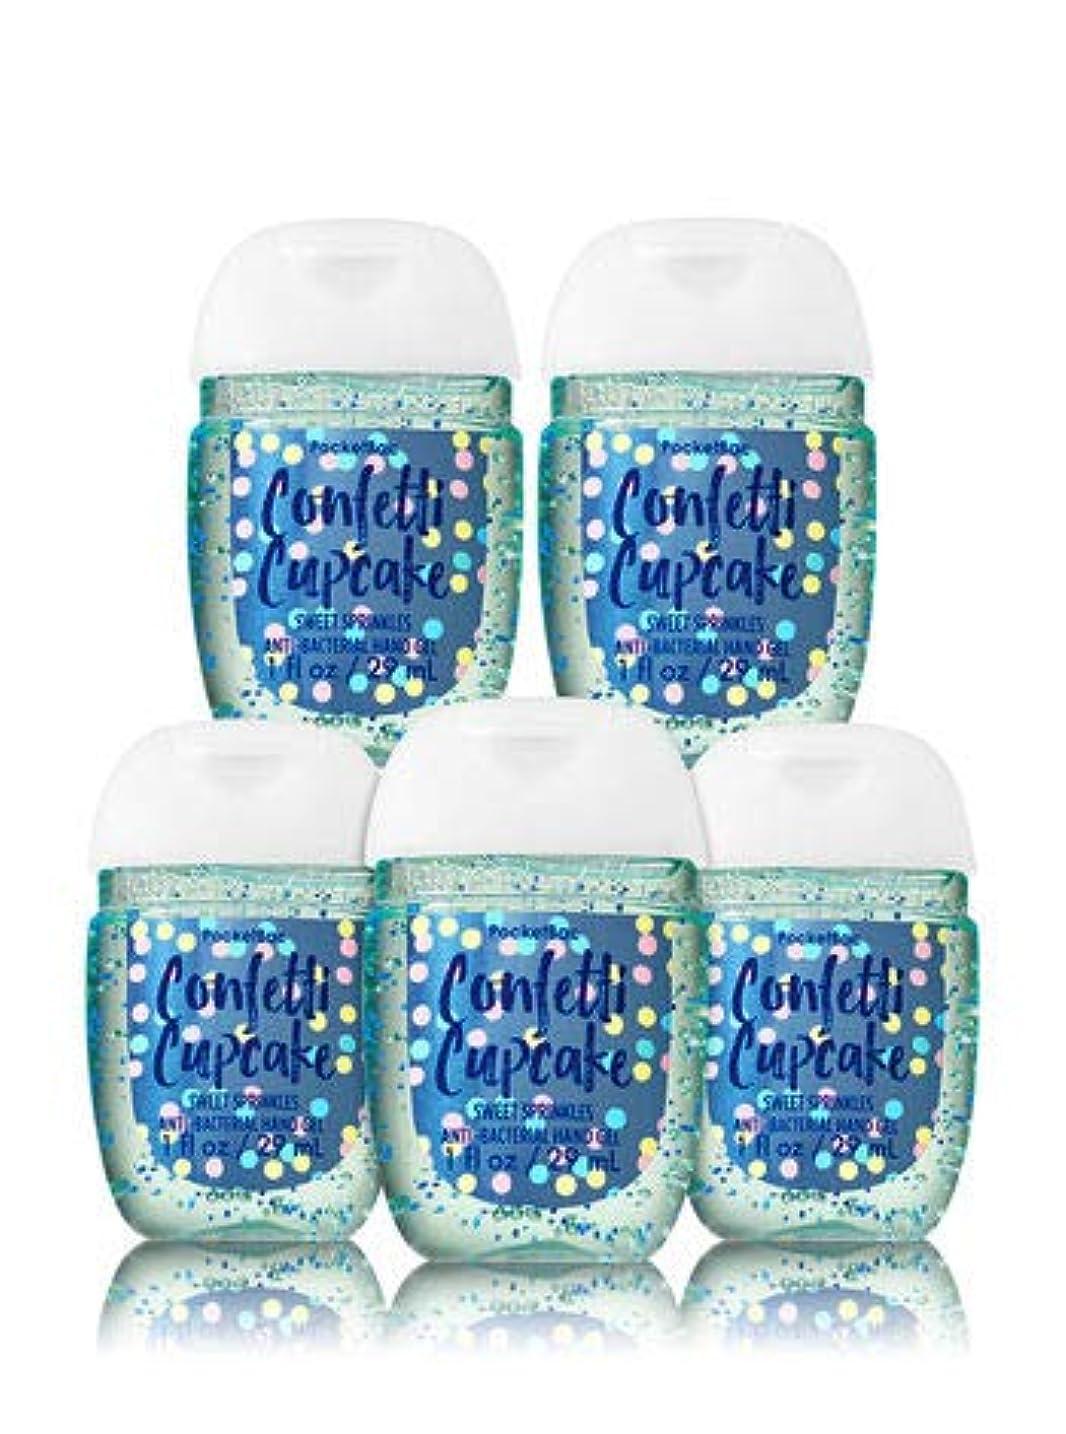 部分うっかり精緻化【Bath&Body Works/バス&ボディワークス】 抗菌ハンドジェル 5個セット Sweet Sprinkles シュガー キャンディストロベリー バニラビーン PocketBac Hand Sanitizer Bundle (5-pack) [並行輸入品]